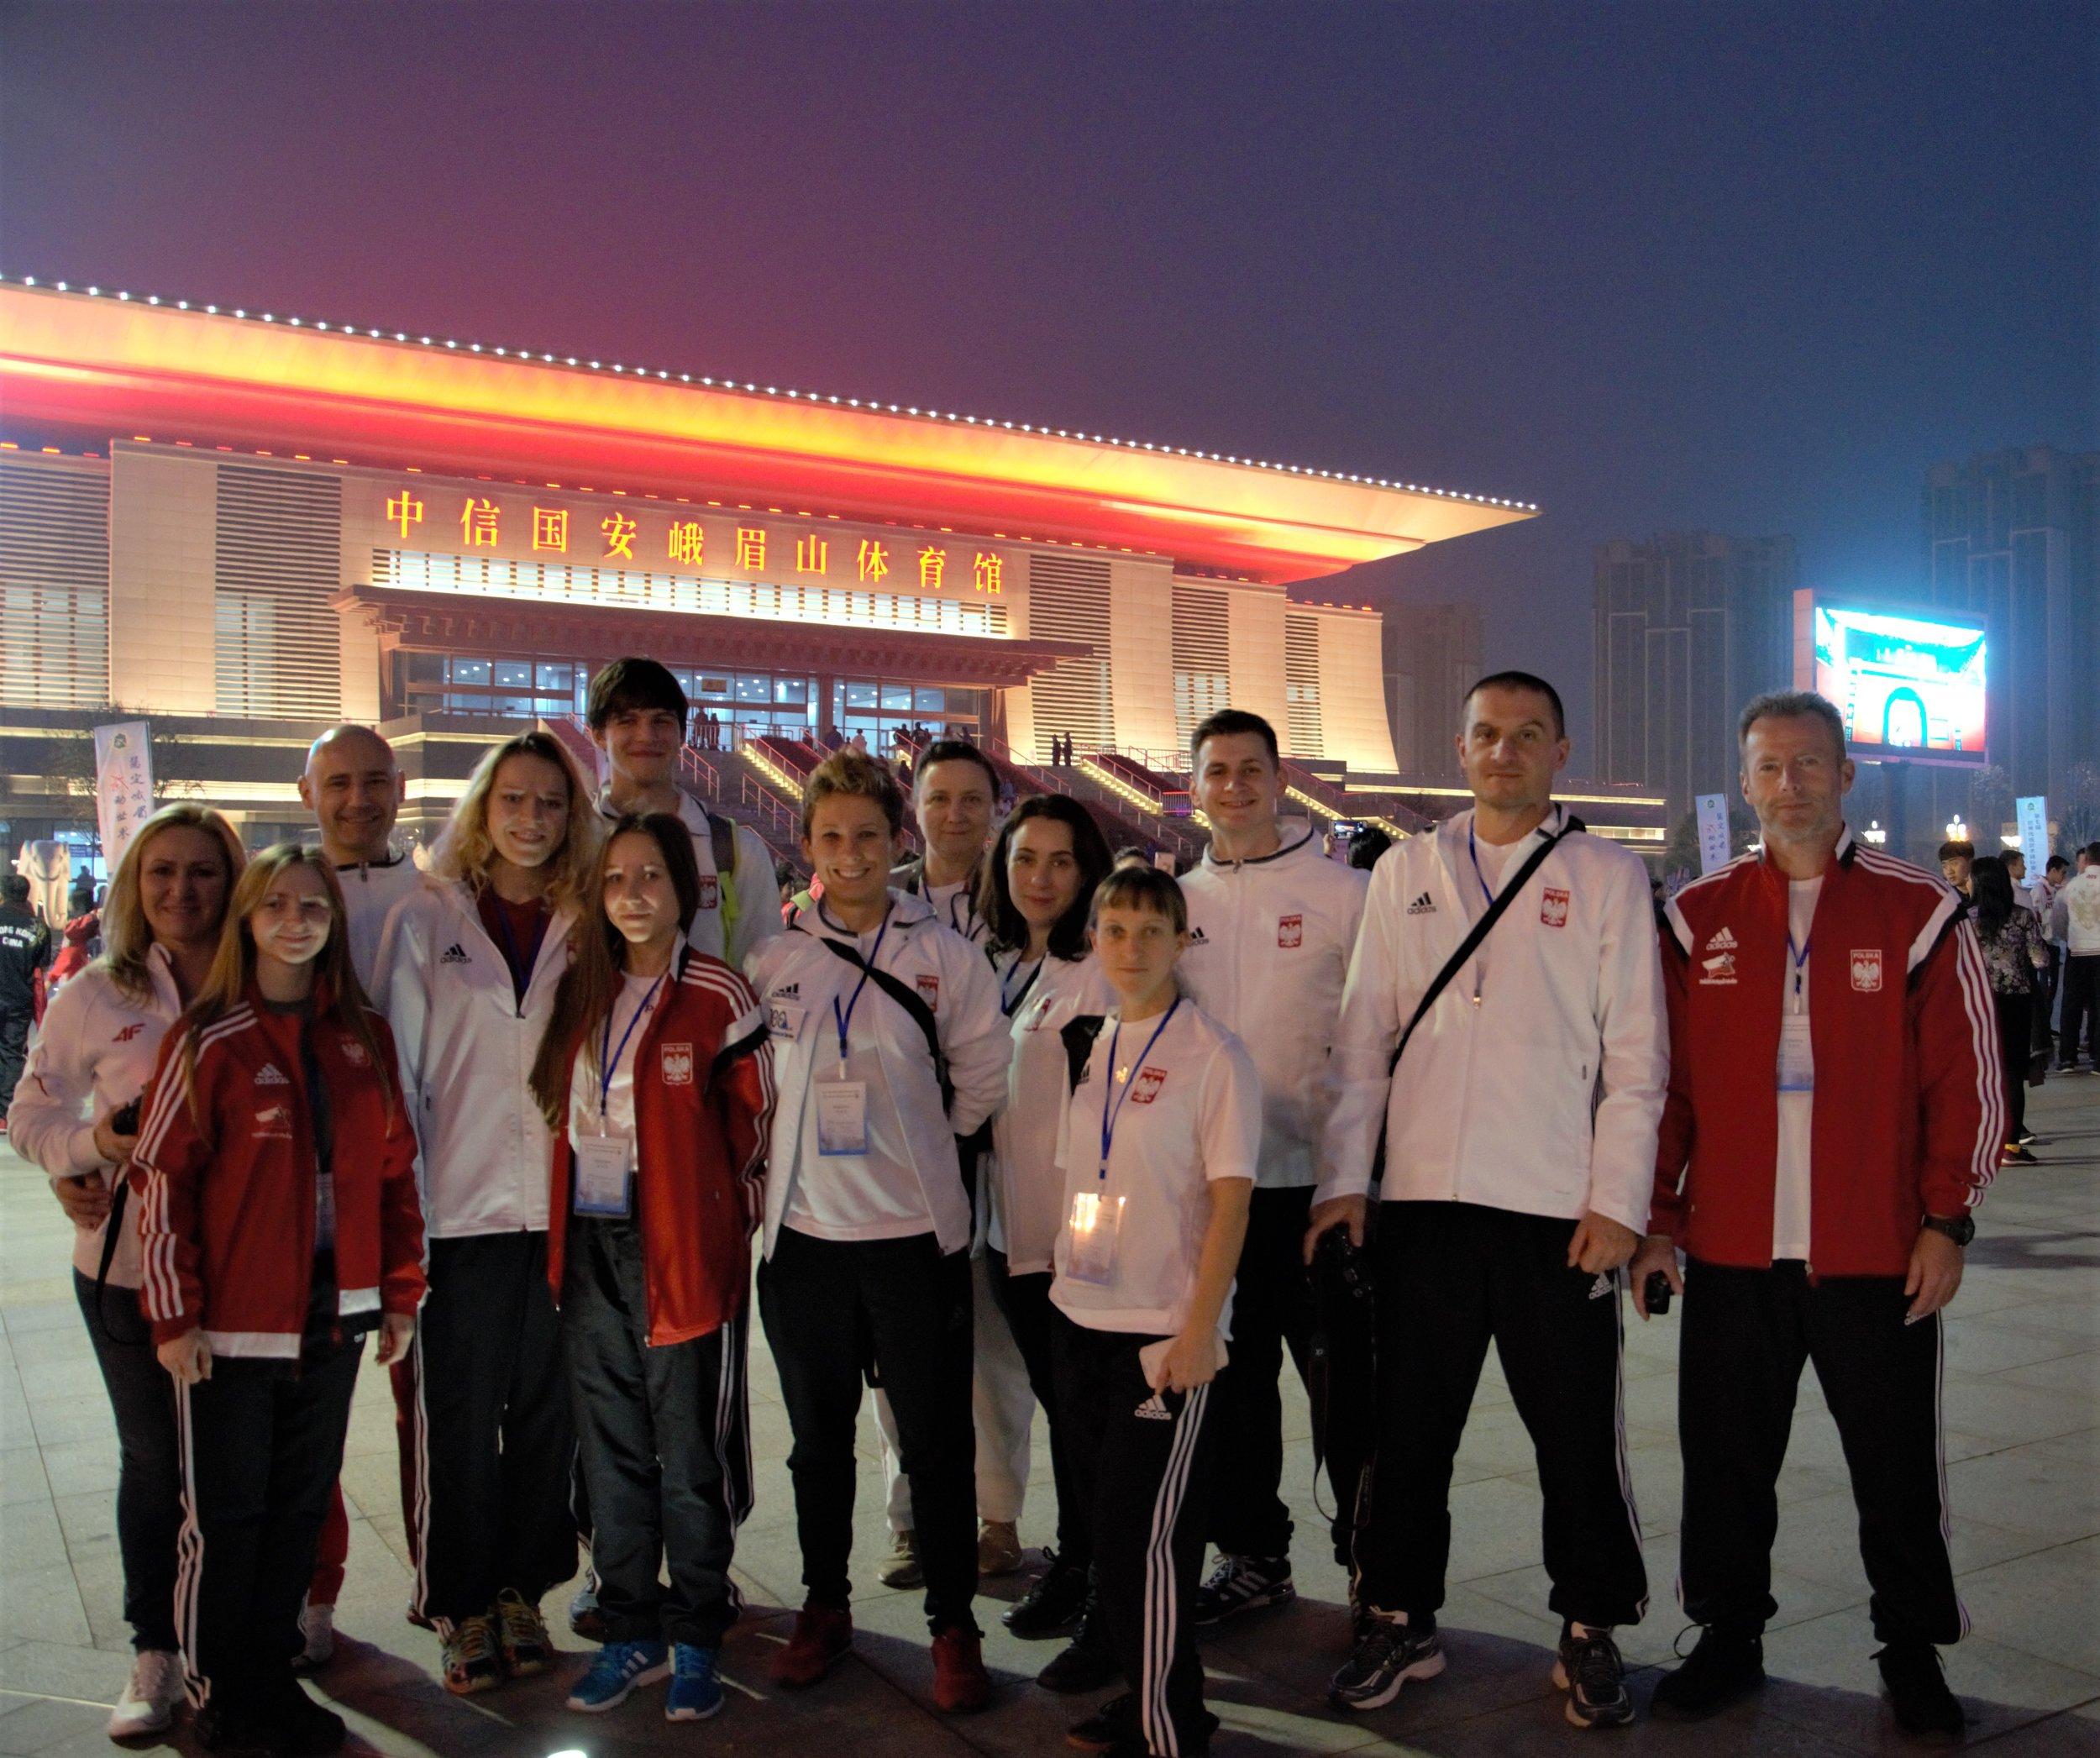 Reprezentacja Polski przed Ceremonią Otwarcia